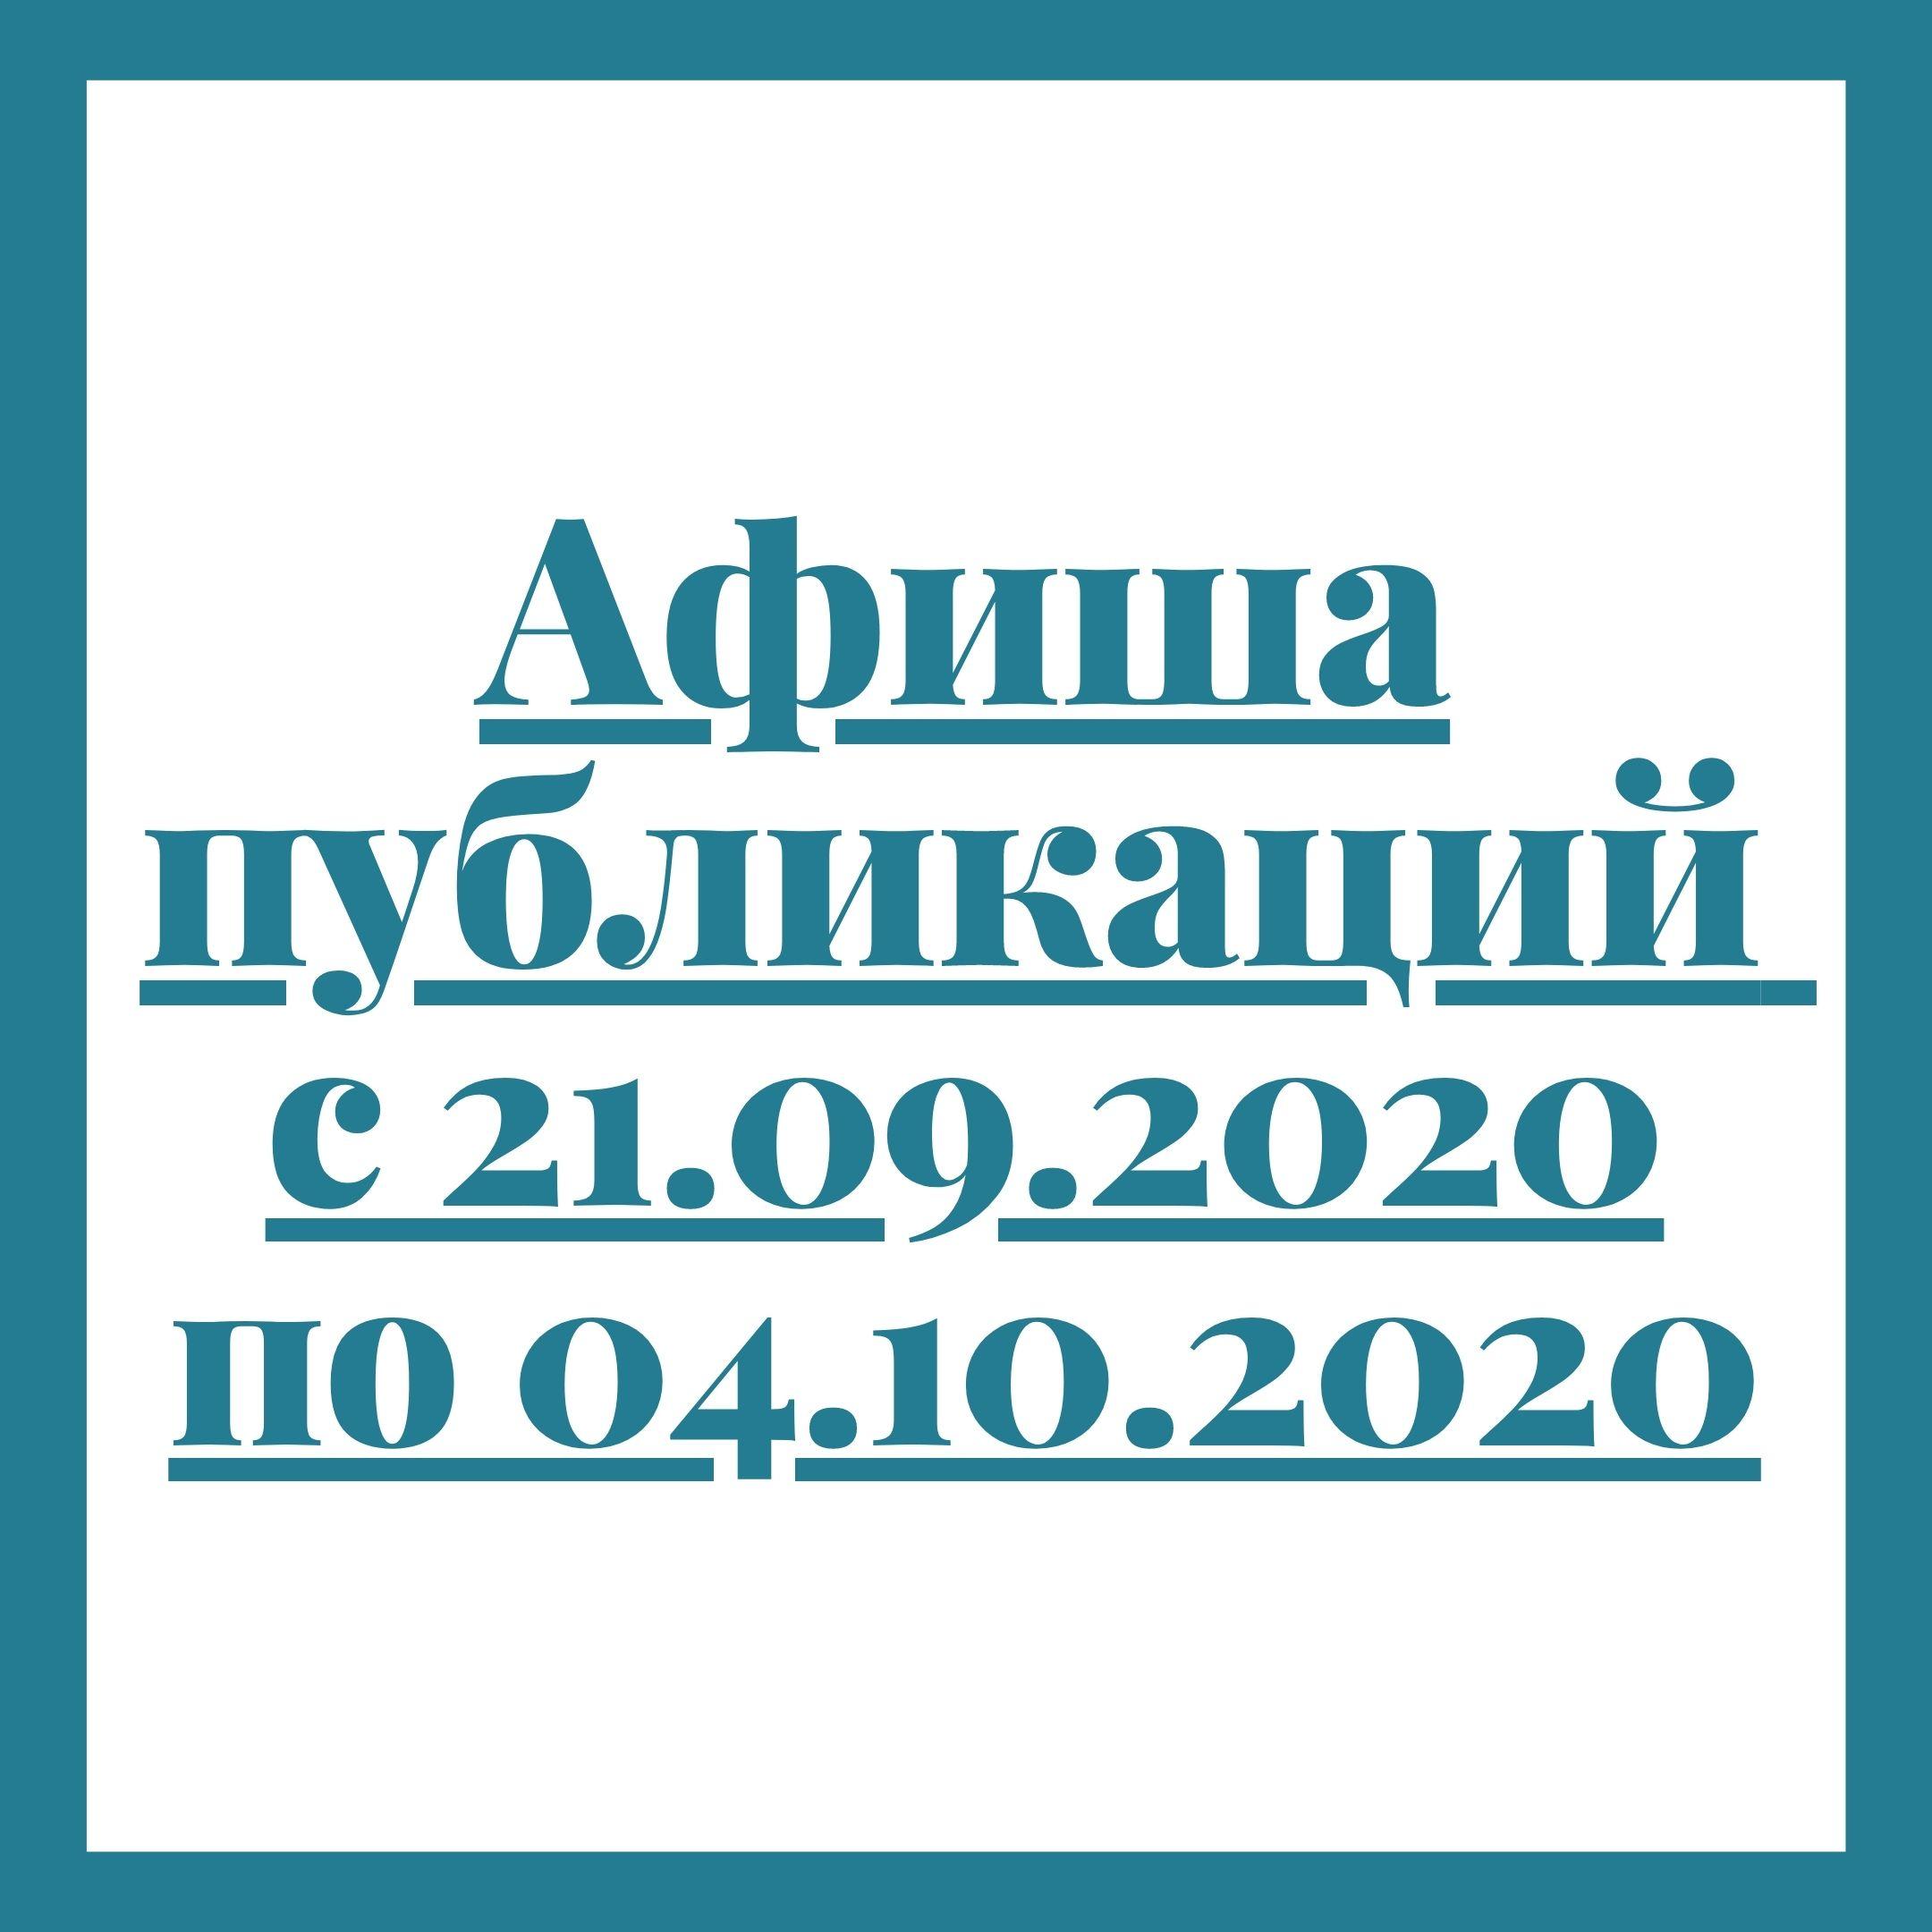 Афиша публикаций с 21.09.2020г. по 04.10.2020г.